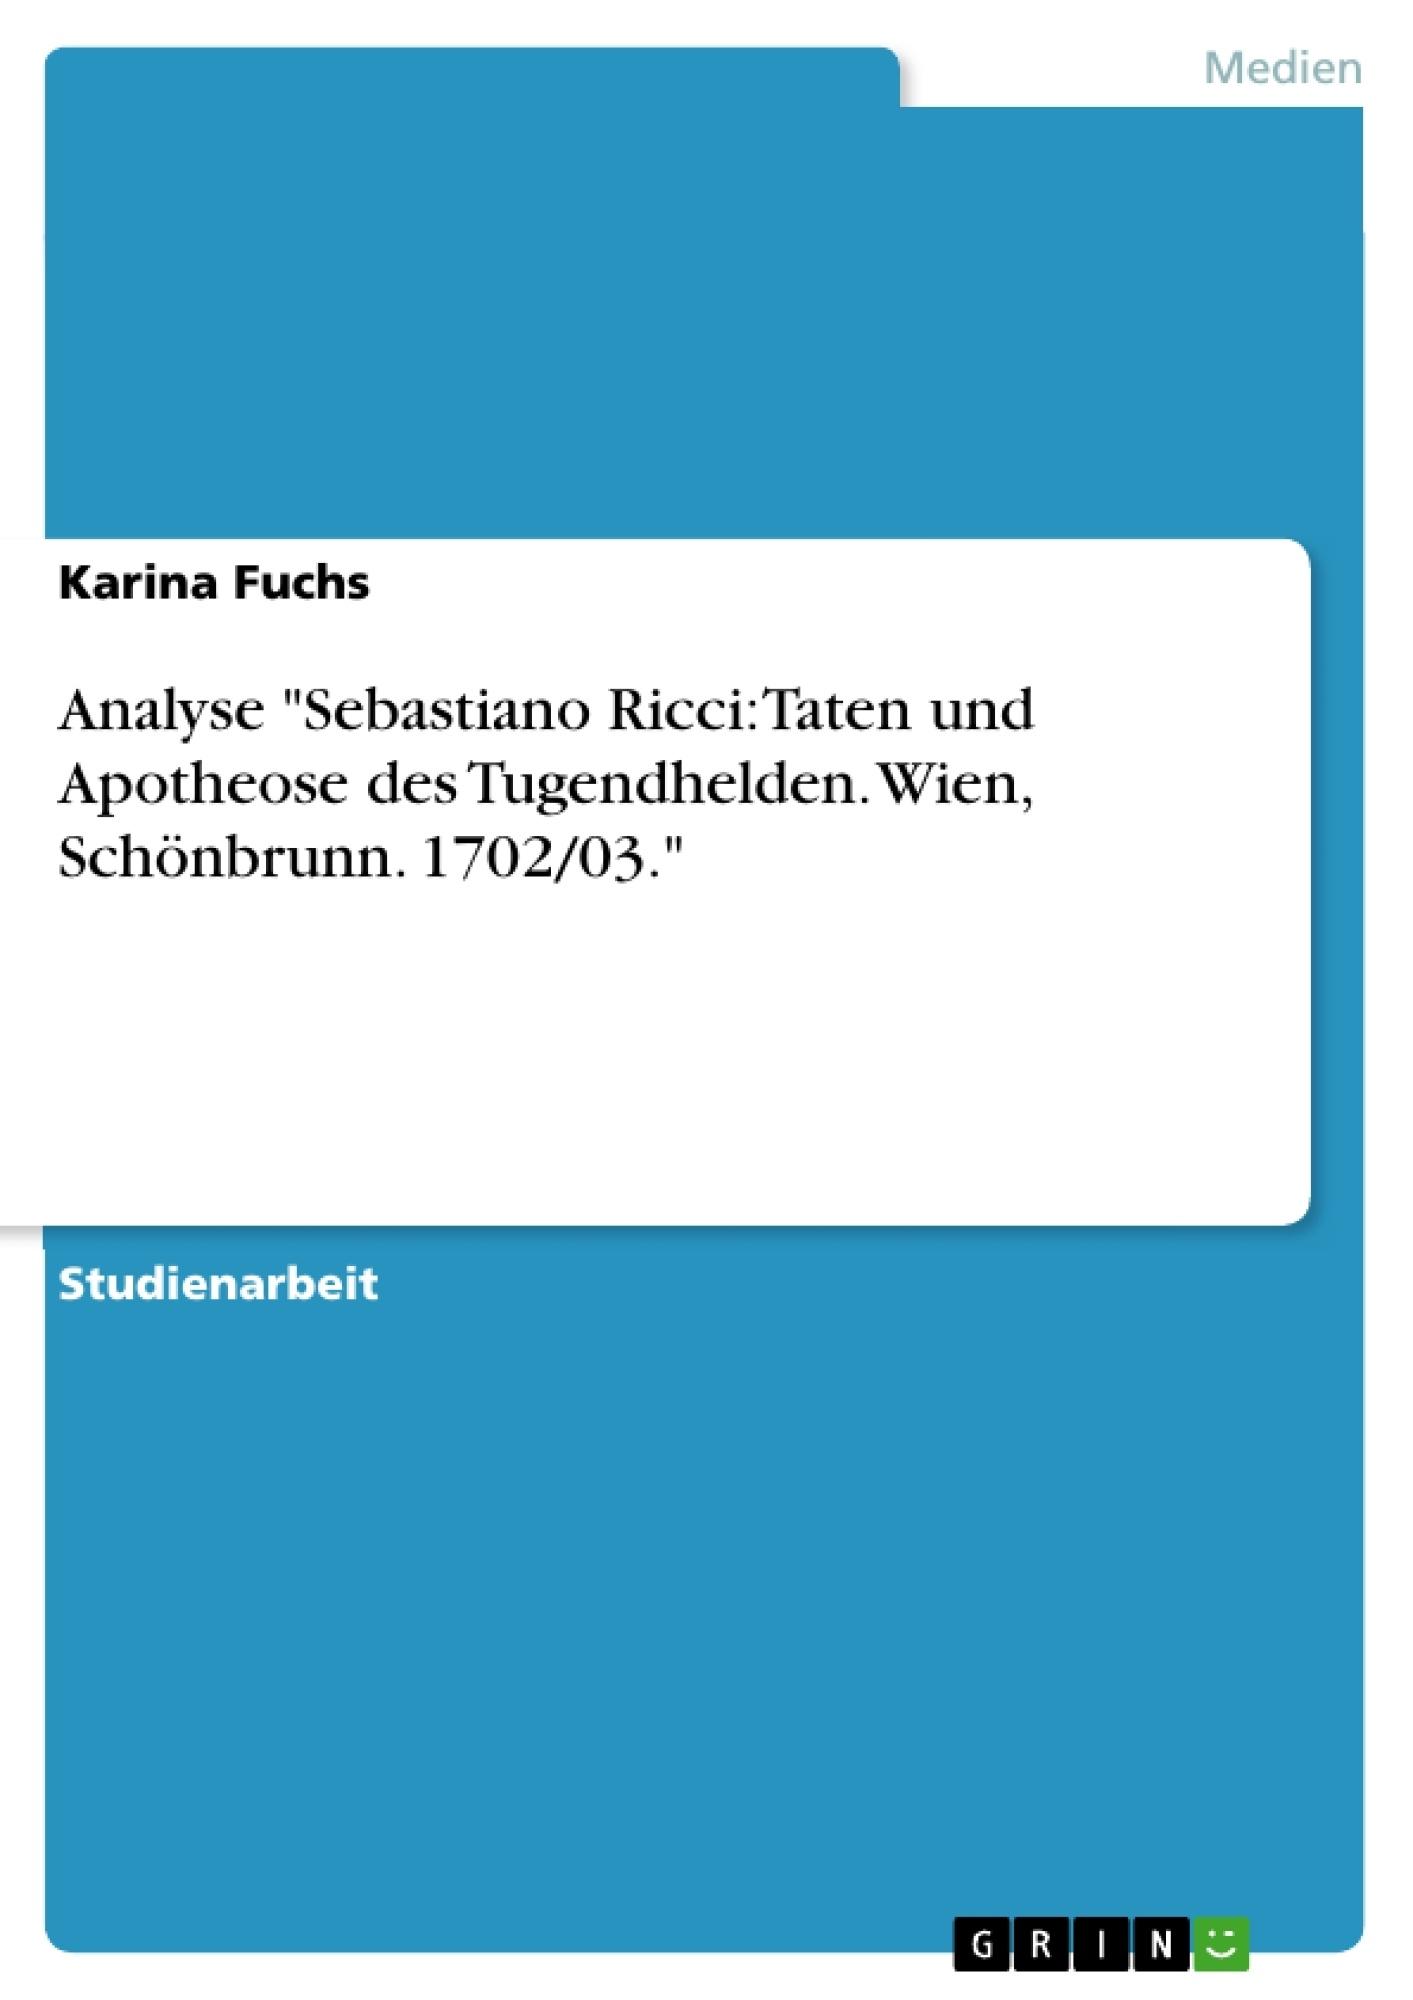 """Titel: Analyse """"Sebastiano Ricci: Taten und Apotheose des Tugendhelden. Wien, Schönbrunn. 1702/03."""""""